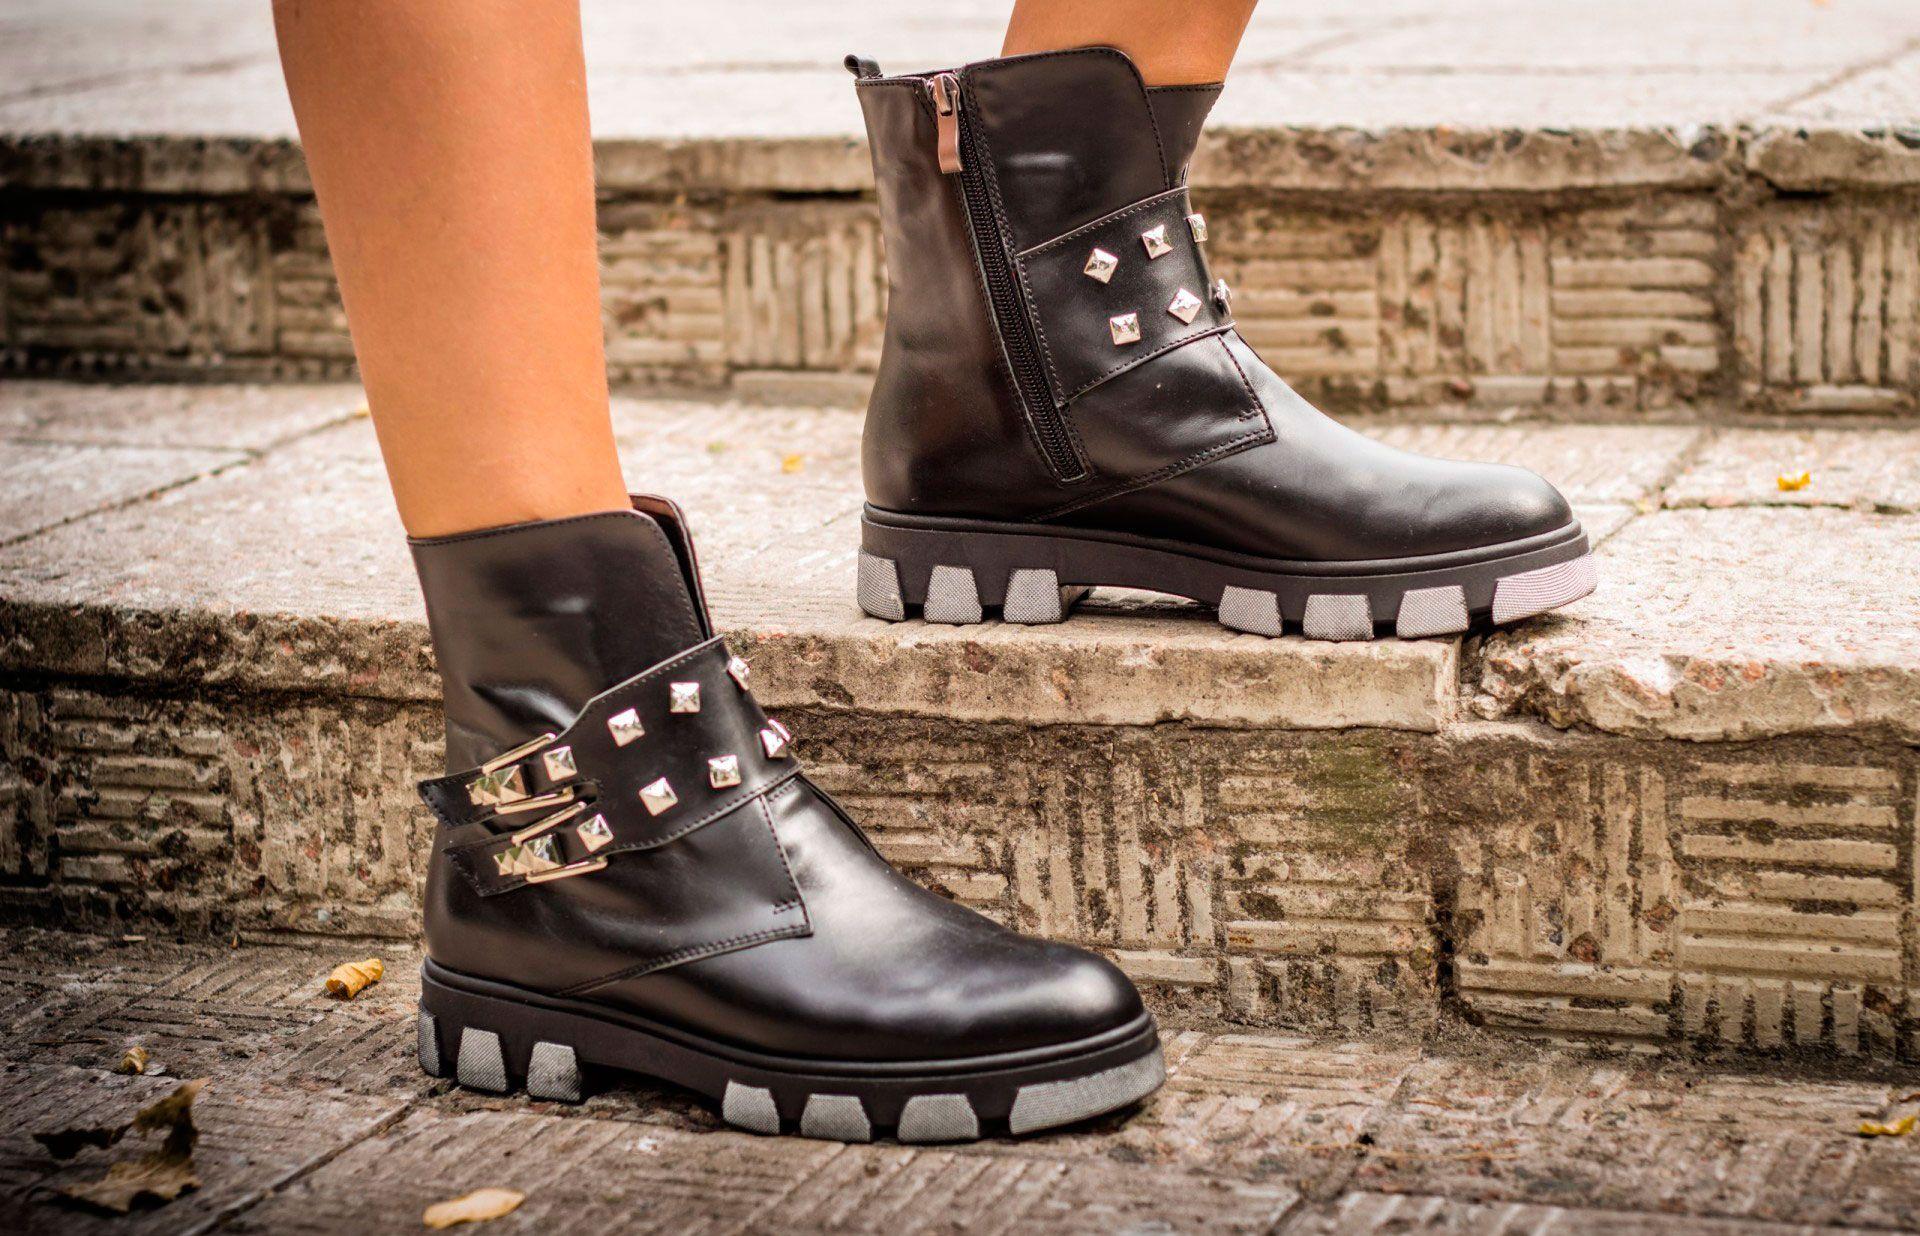 62d61aa6d436 100 стильных трендов: Модные женские ботинки 2019, новинки на фото